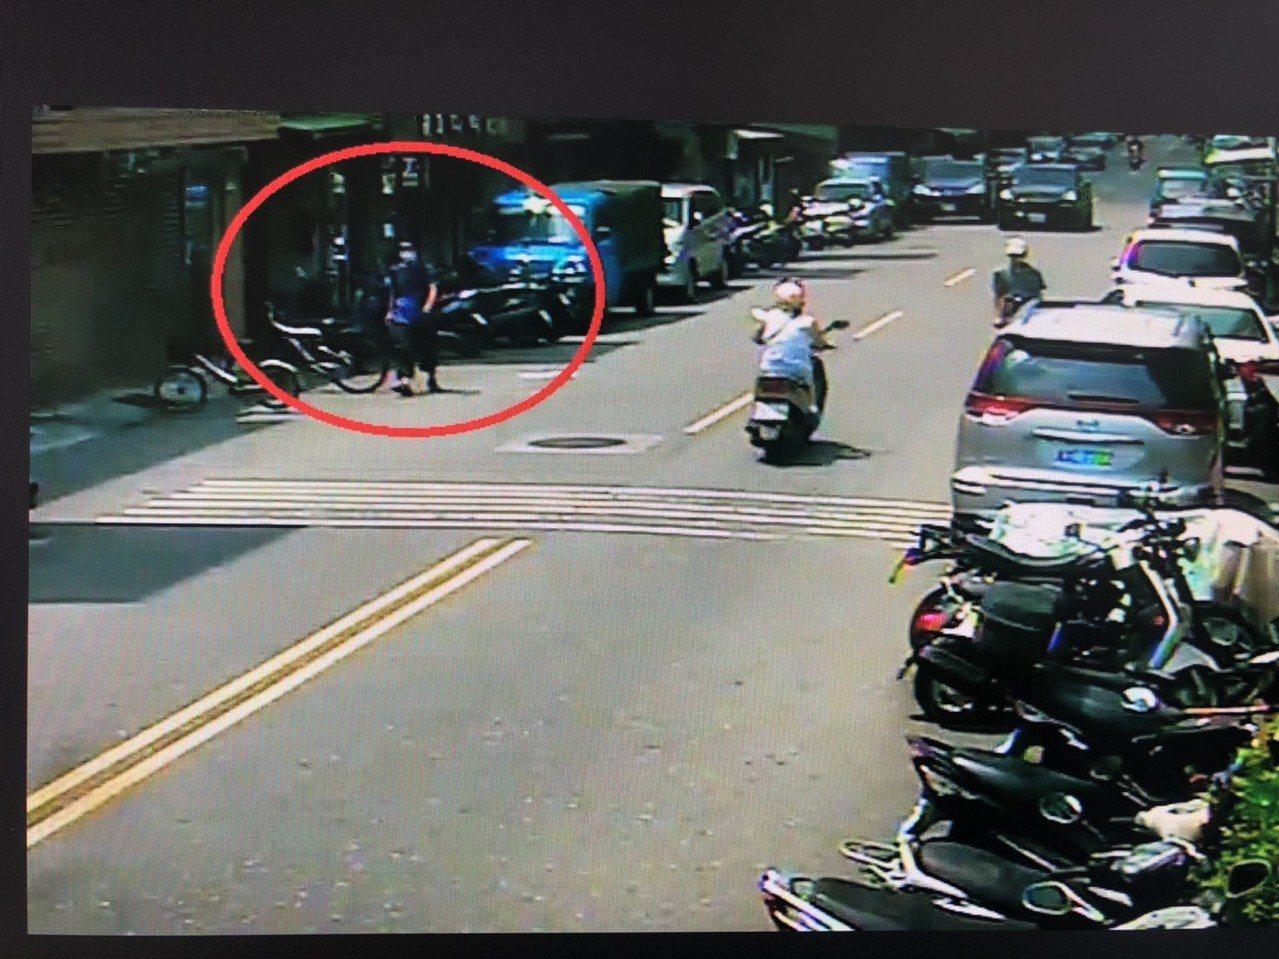 竊嫌利用複製鑰匙機會行竊。得手後逃逸影像被警方掌握。圖/記者廖炳棋翻攝